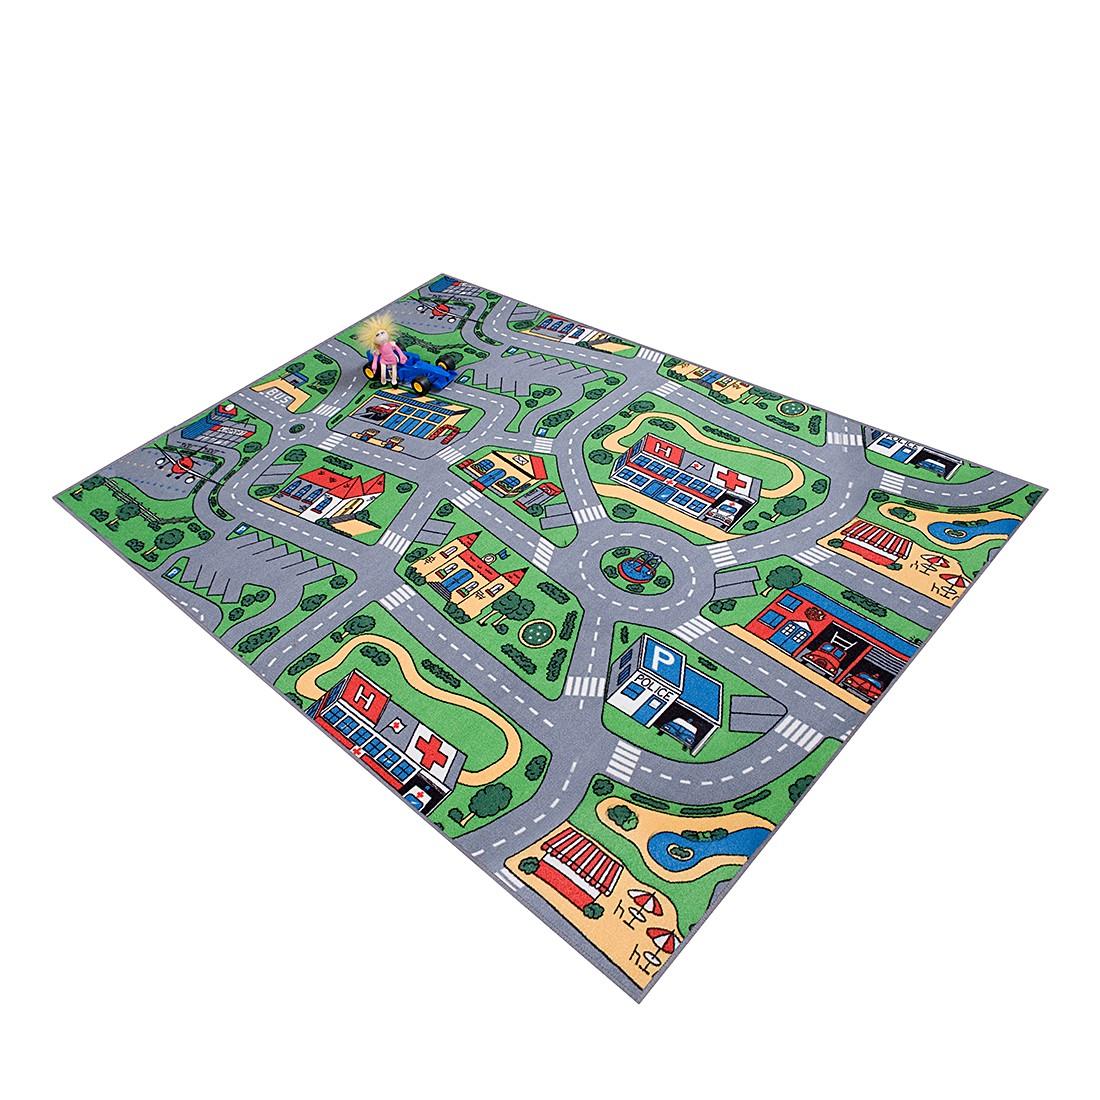 Kinderteppich Strasse – 140 x 200 cm, Testil günstig kaufen